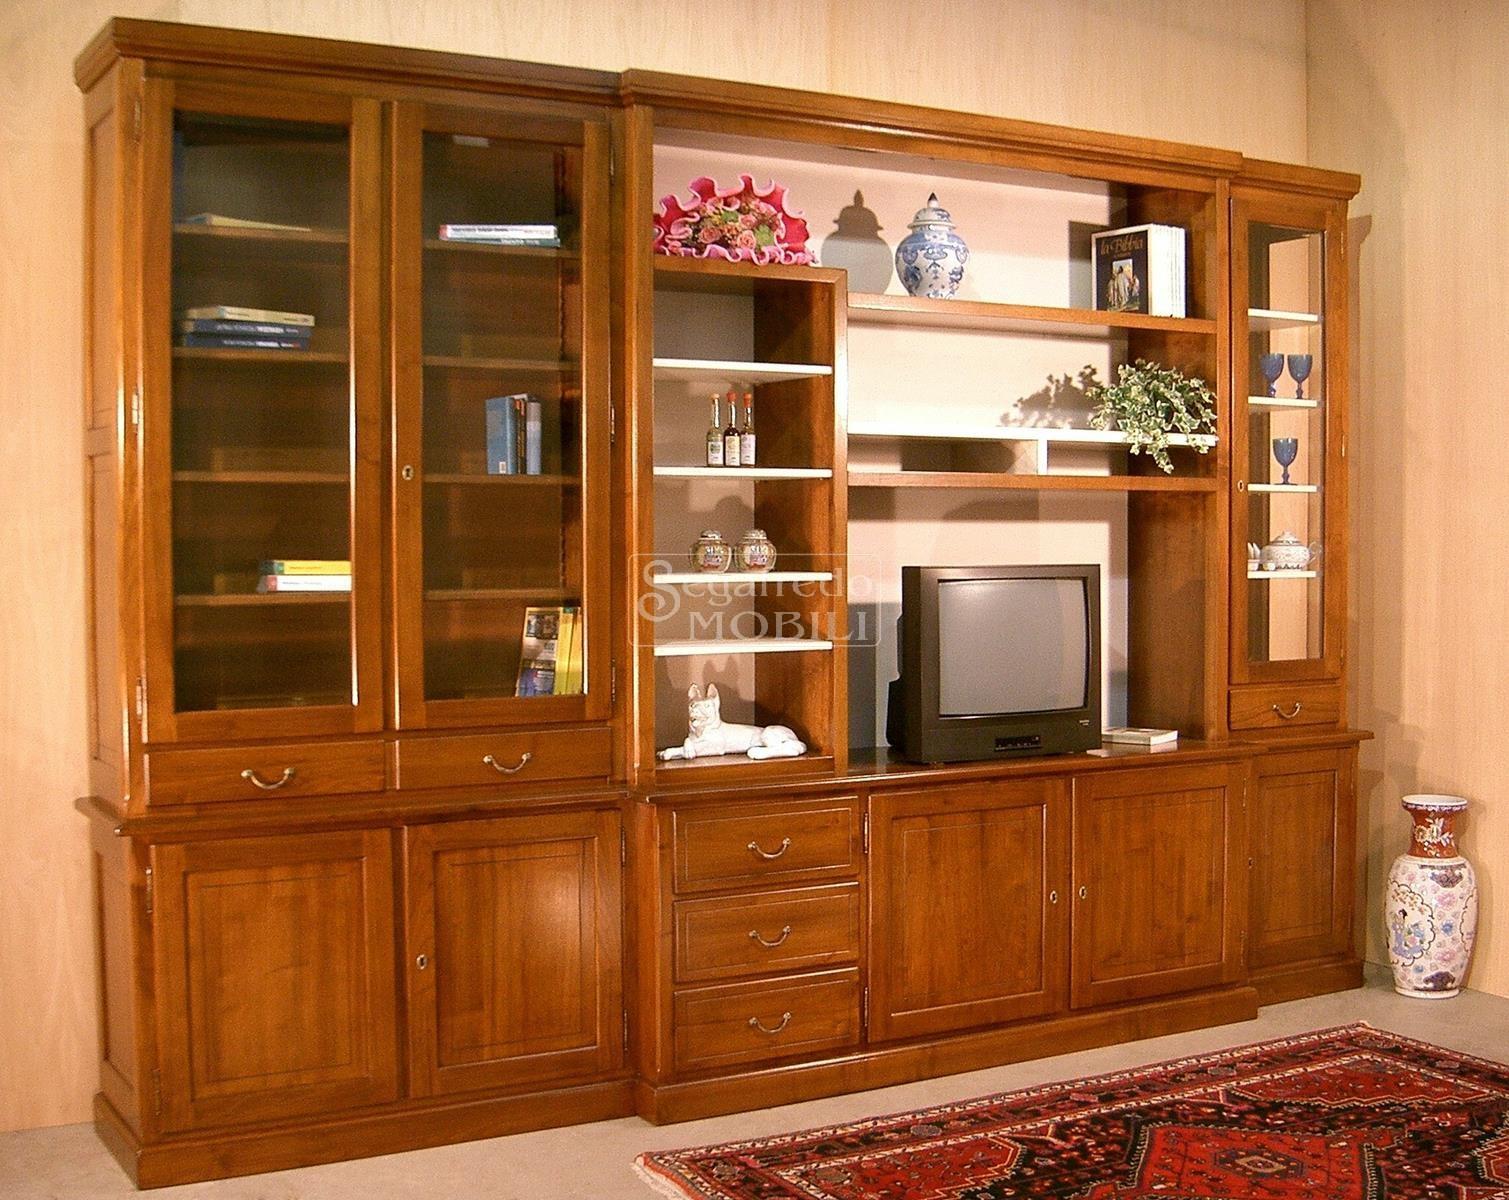 Mobile a parete su misura per il soggiorno in legno - Mobili soggiorno legno massello ...